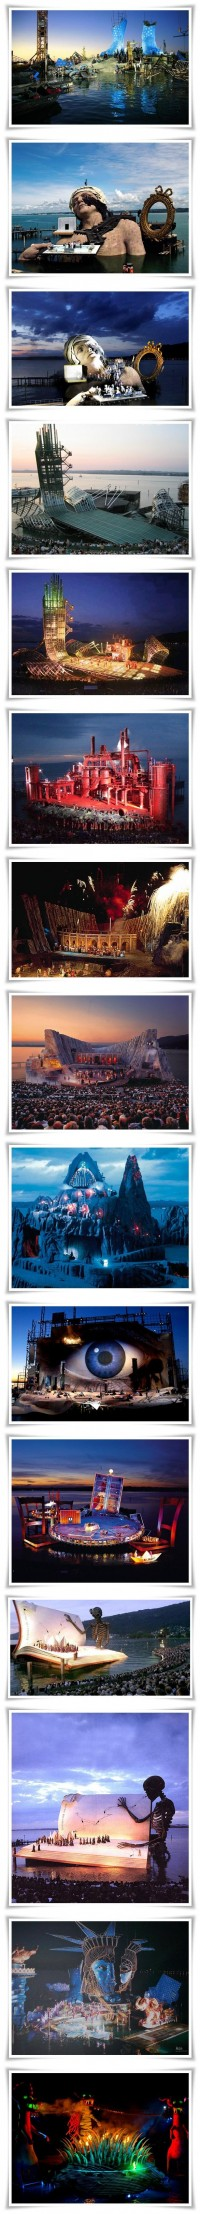 Stage Design_Bregenzer Festspiele